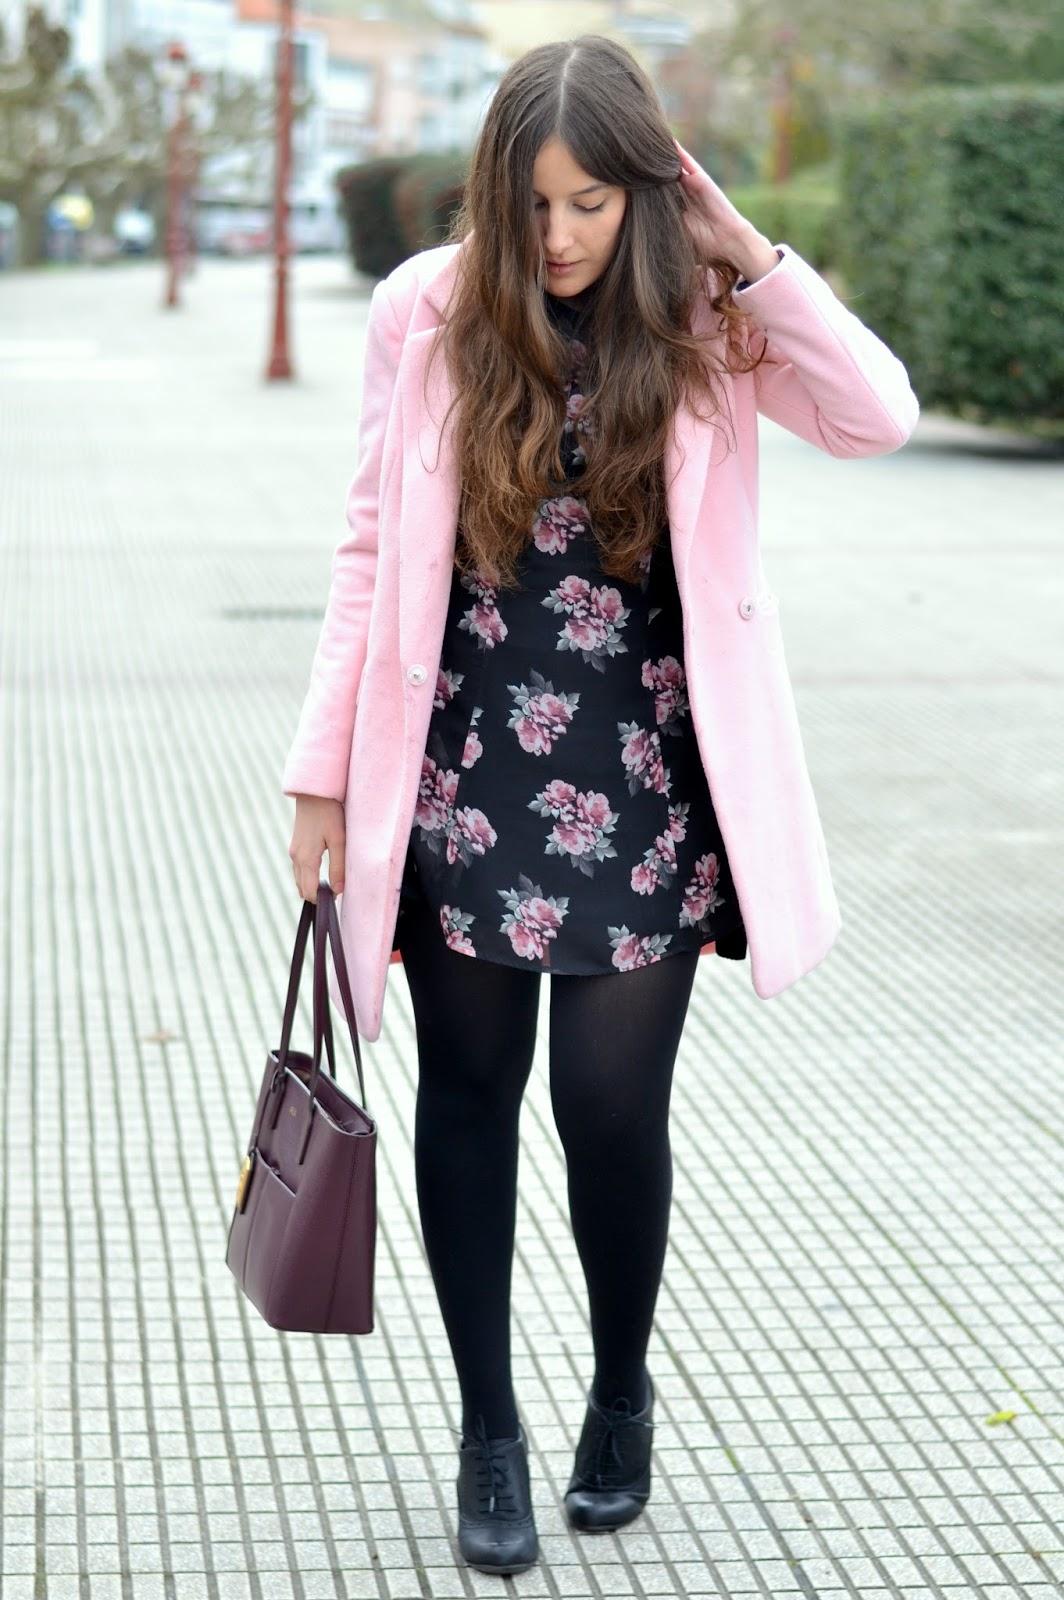 abrigo rosa, vestido flores negro